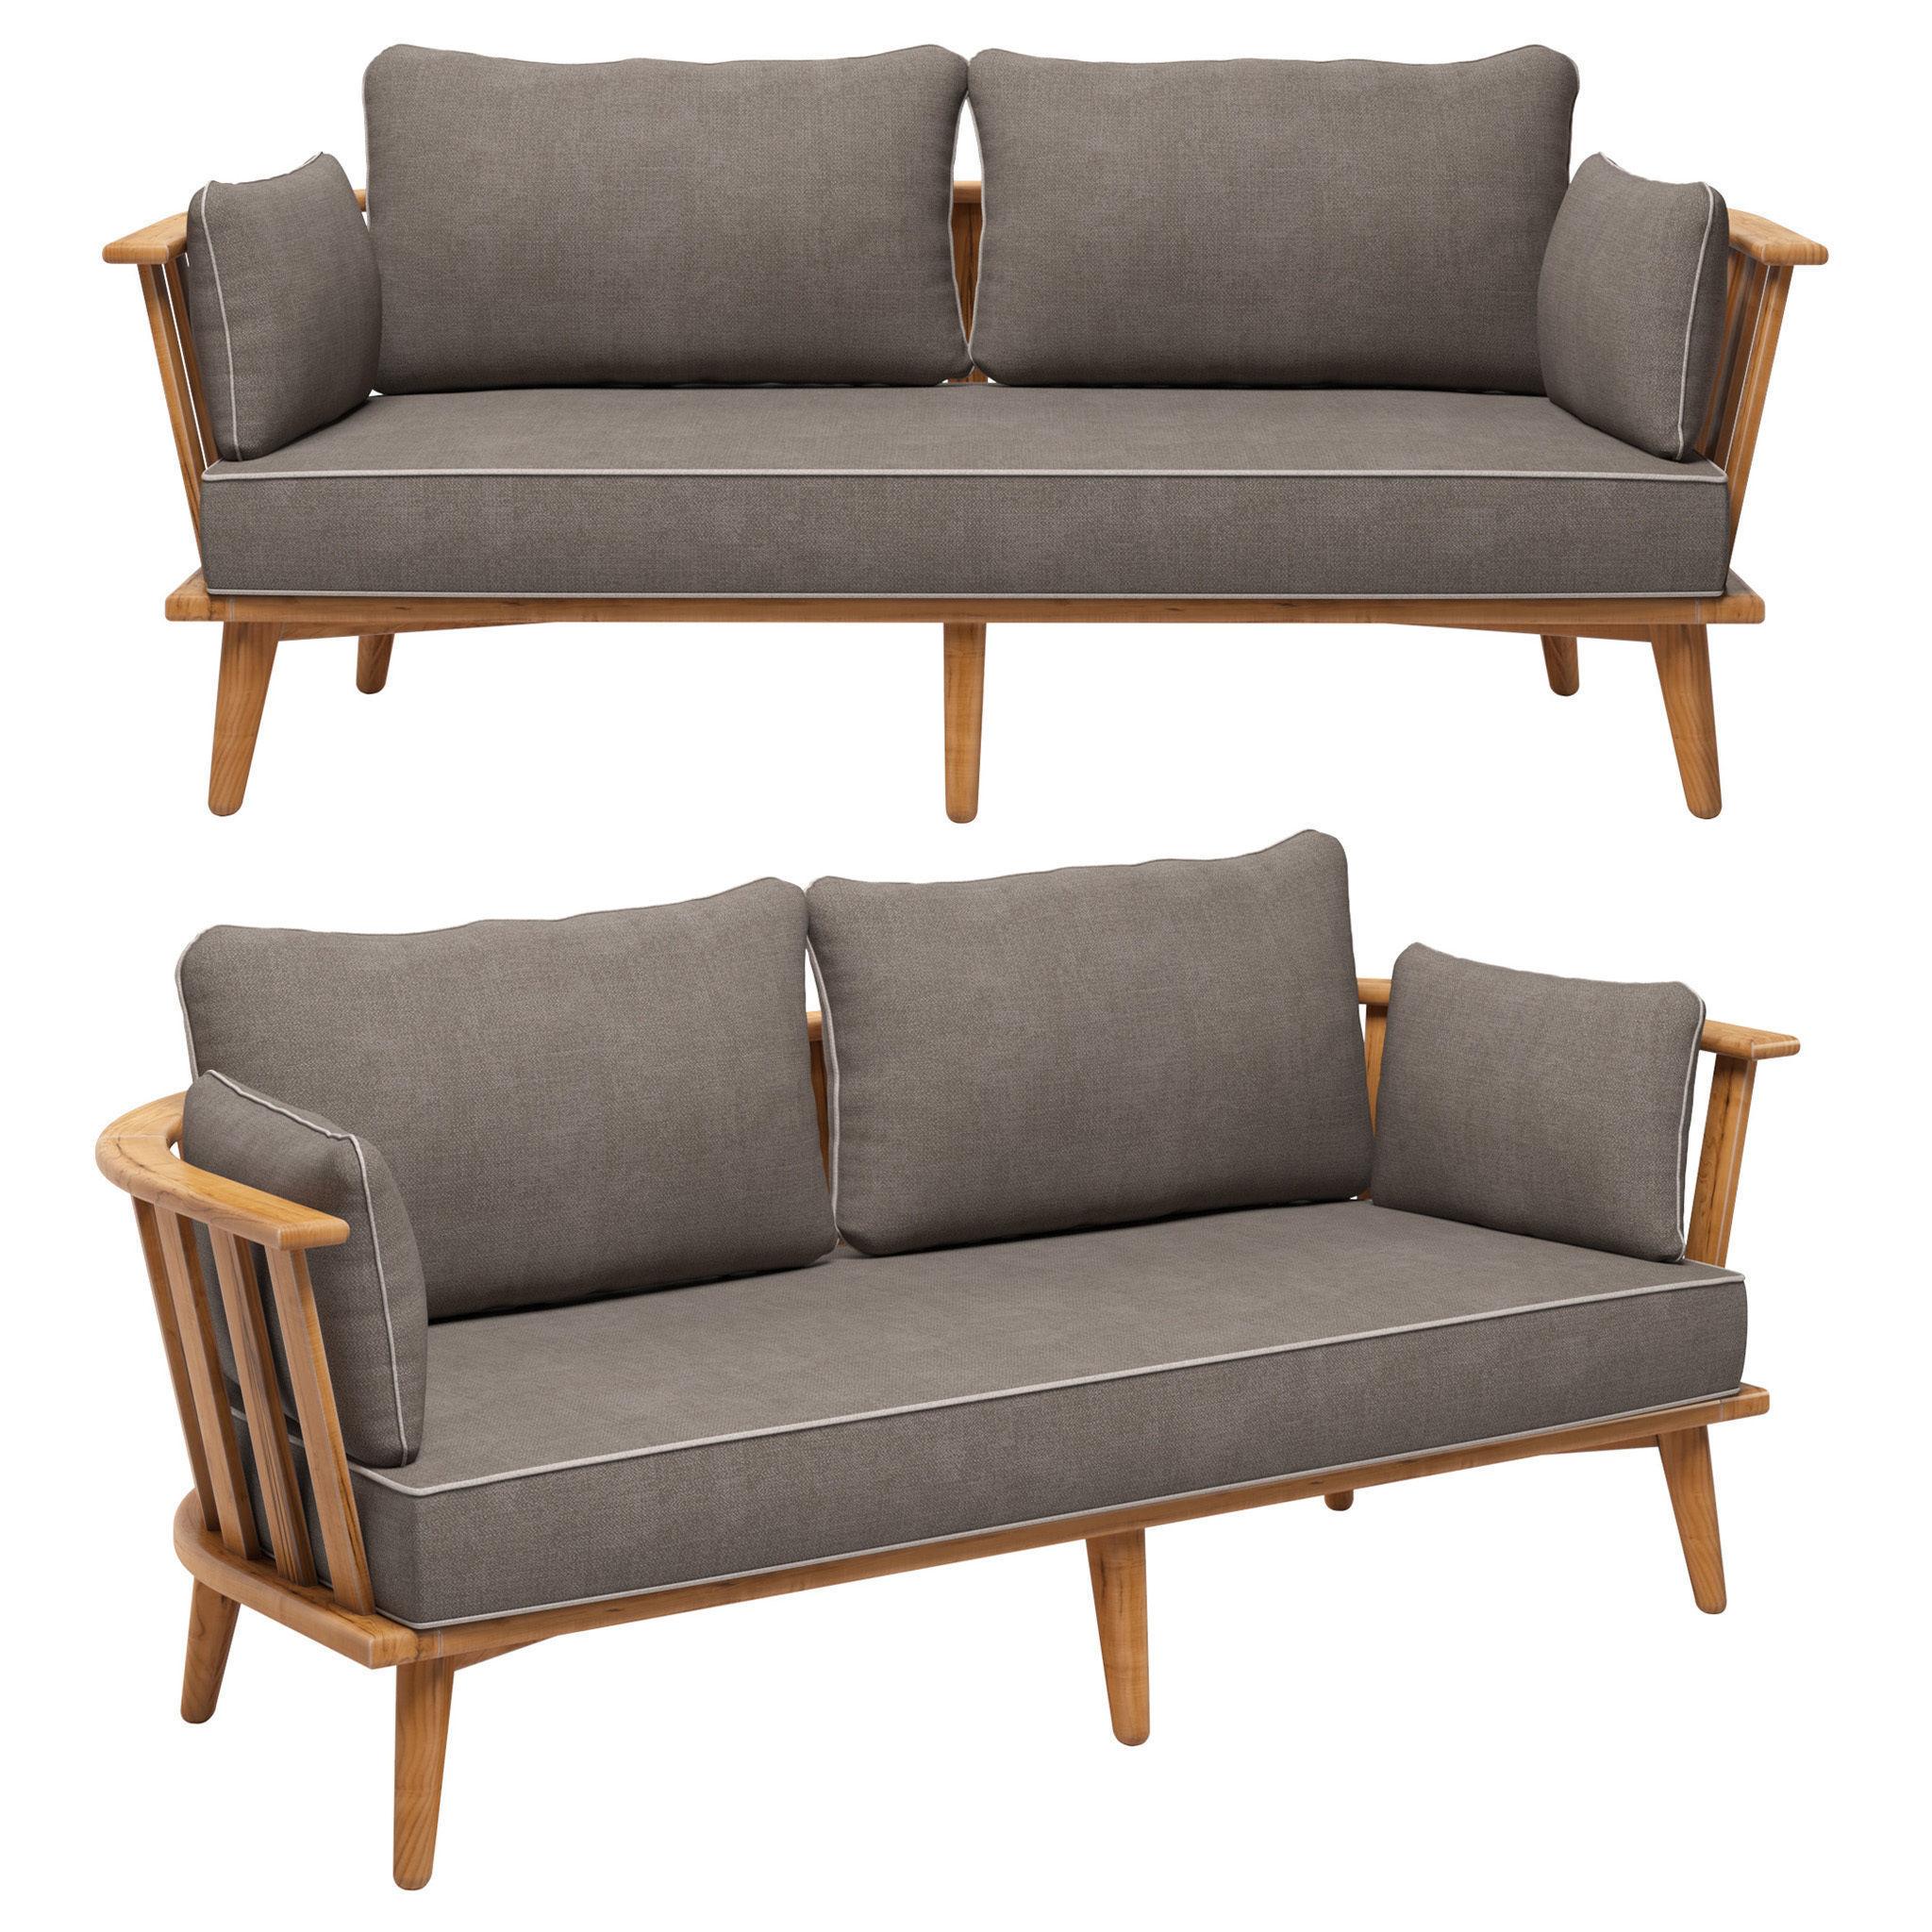 NOUMEA Garden sofa